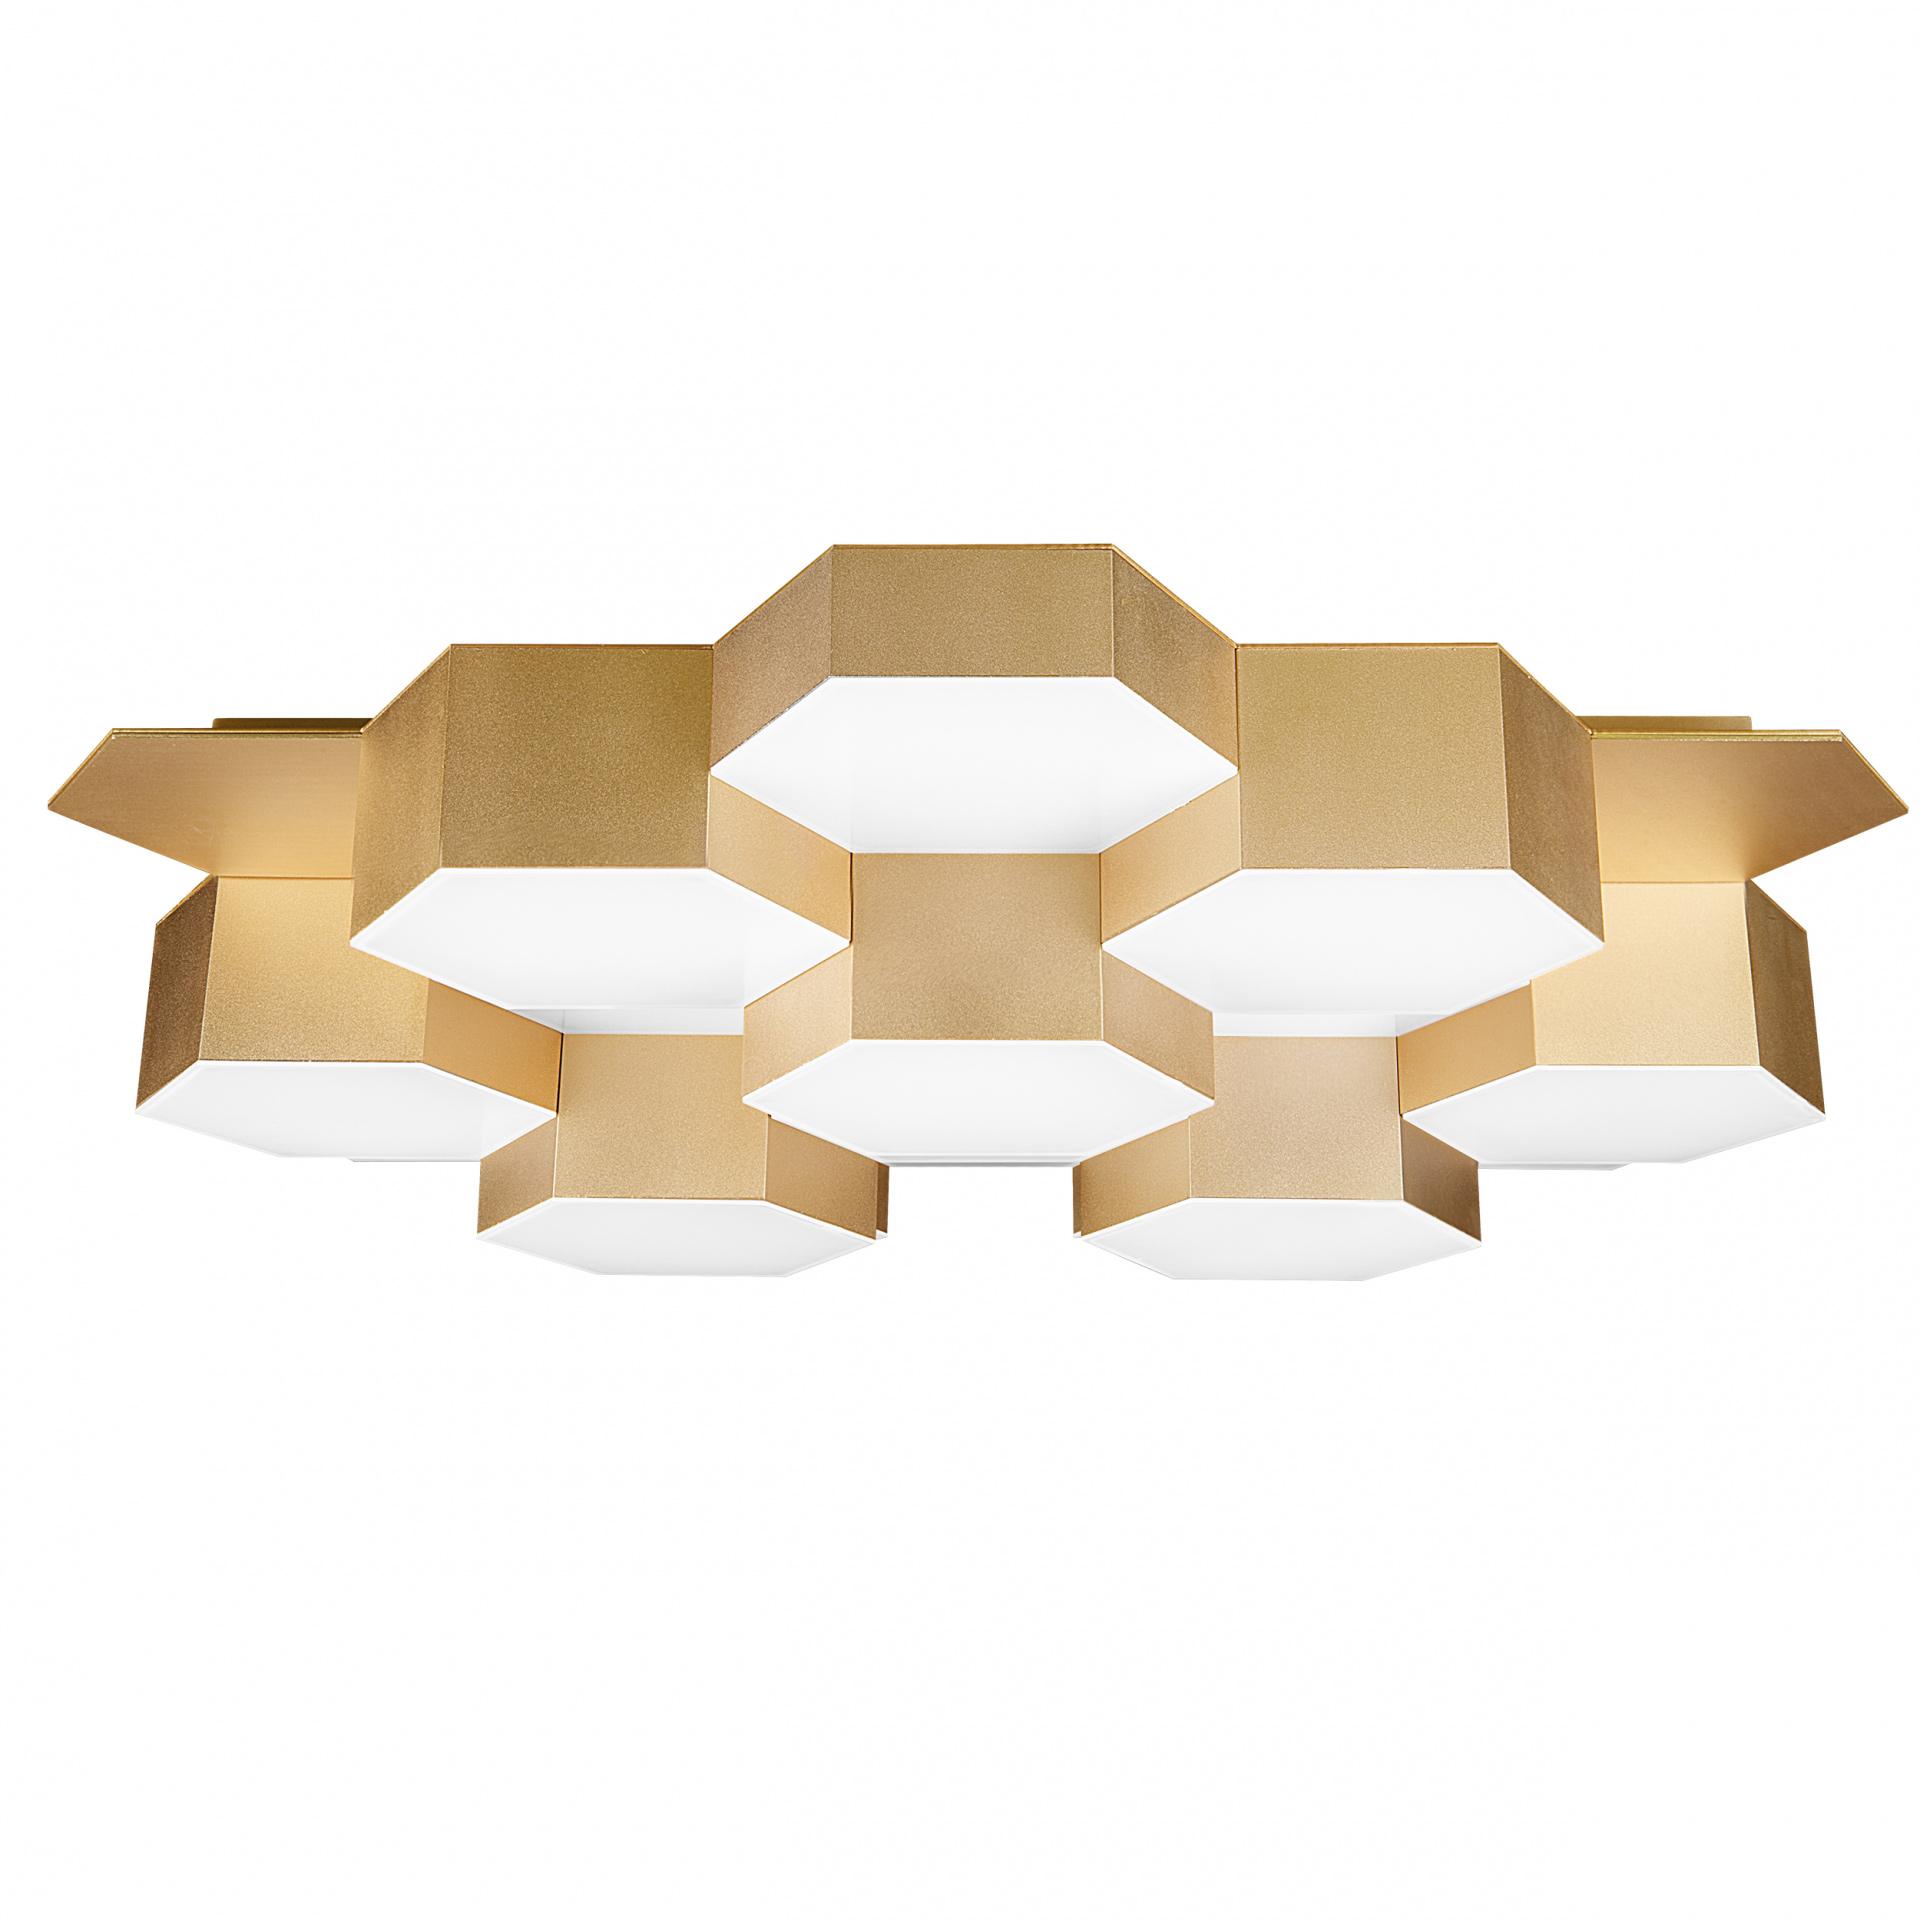 Светильник потолочный Favo LED-80W 3840LM satin gold 4000K Lightstar 750163, купить в СПб, Москве, с доставкой, Санкт-Петербург, интернет-магазин люстр и светильников Starlight, фото в жизни